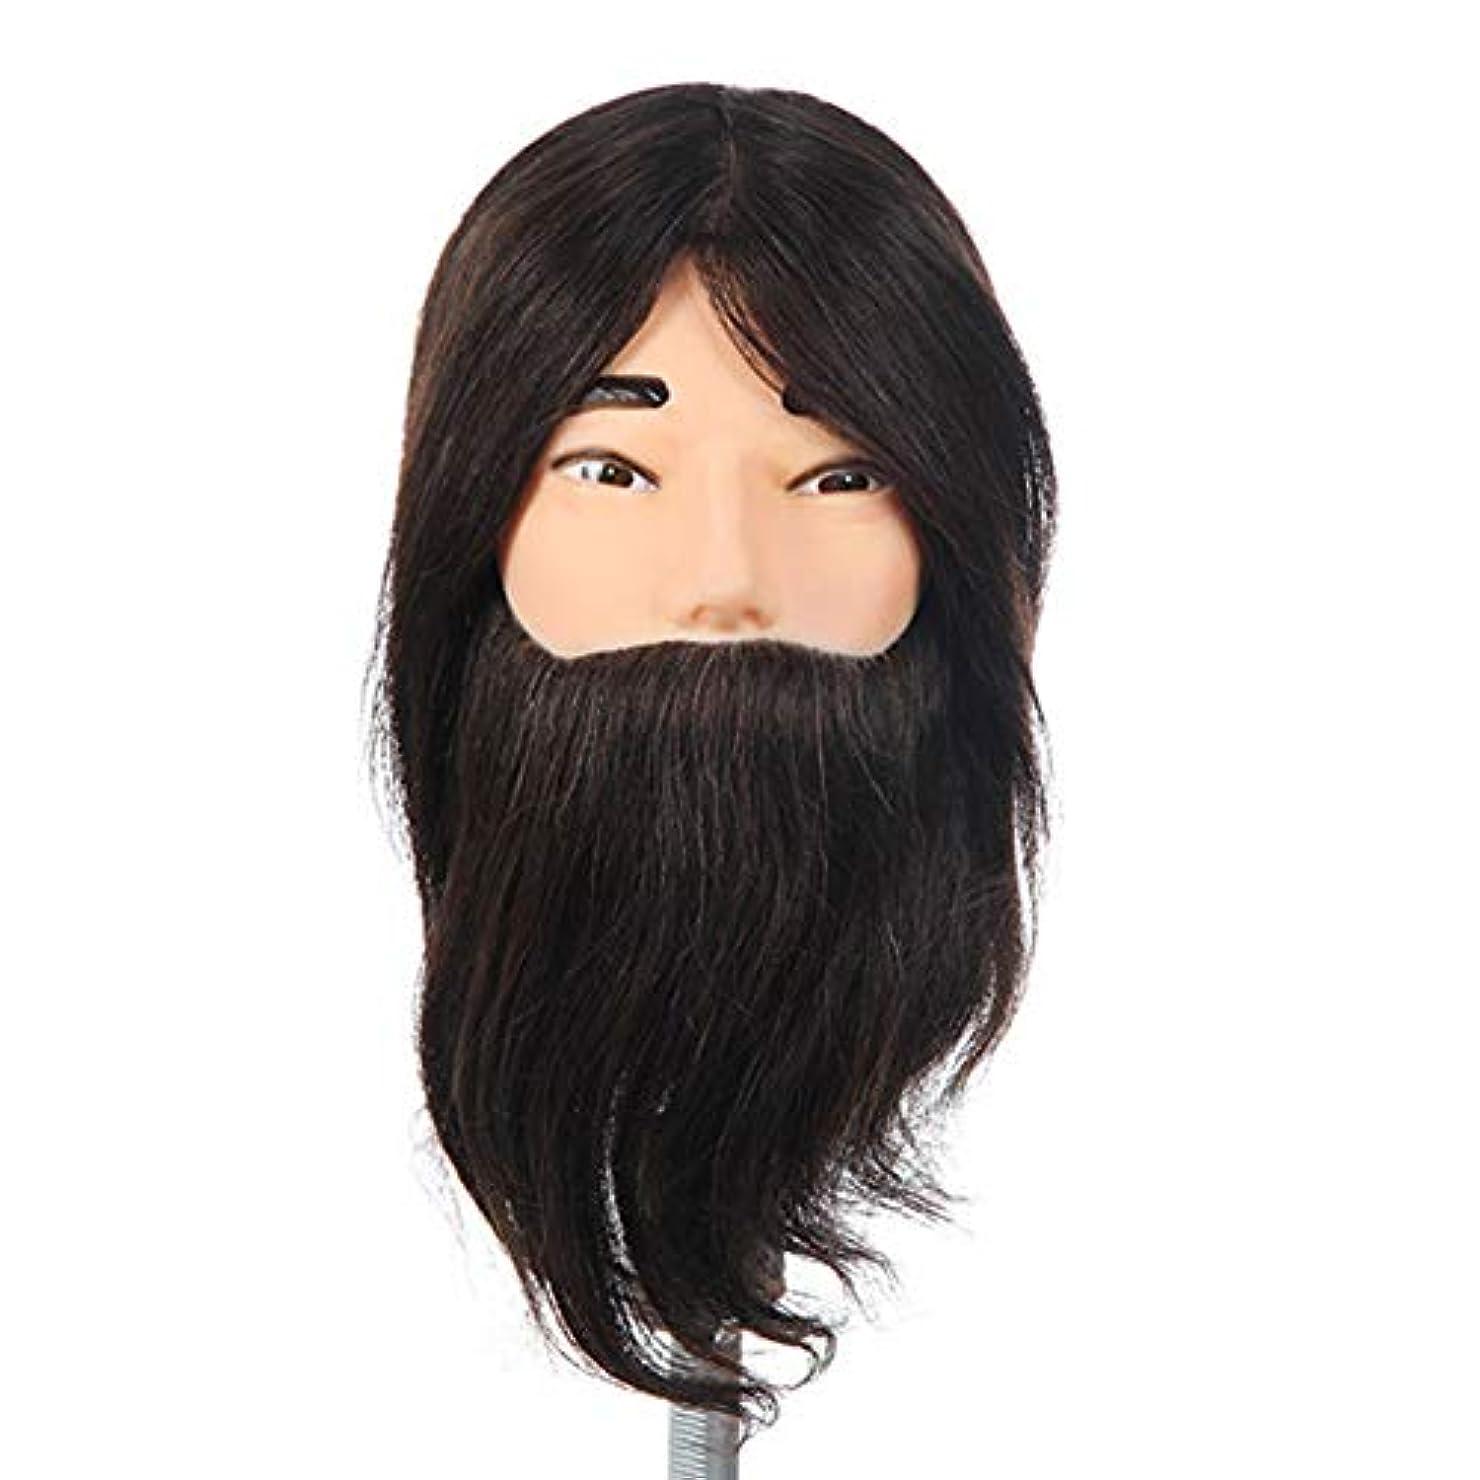 証言する周囲定義リアルヘア練習ヘッドモデルヘアサロントリミングパーマ染毛剤学習ダミーヘッドひげを生やした男性化粧マネキンヘッド